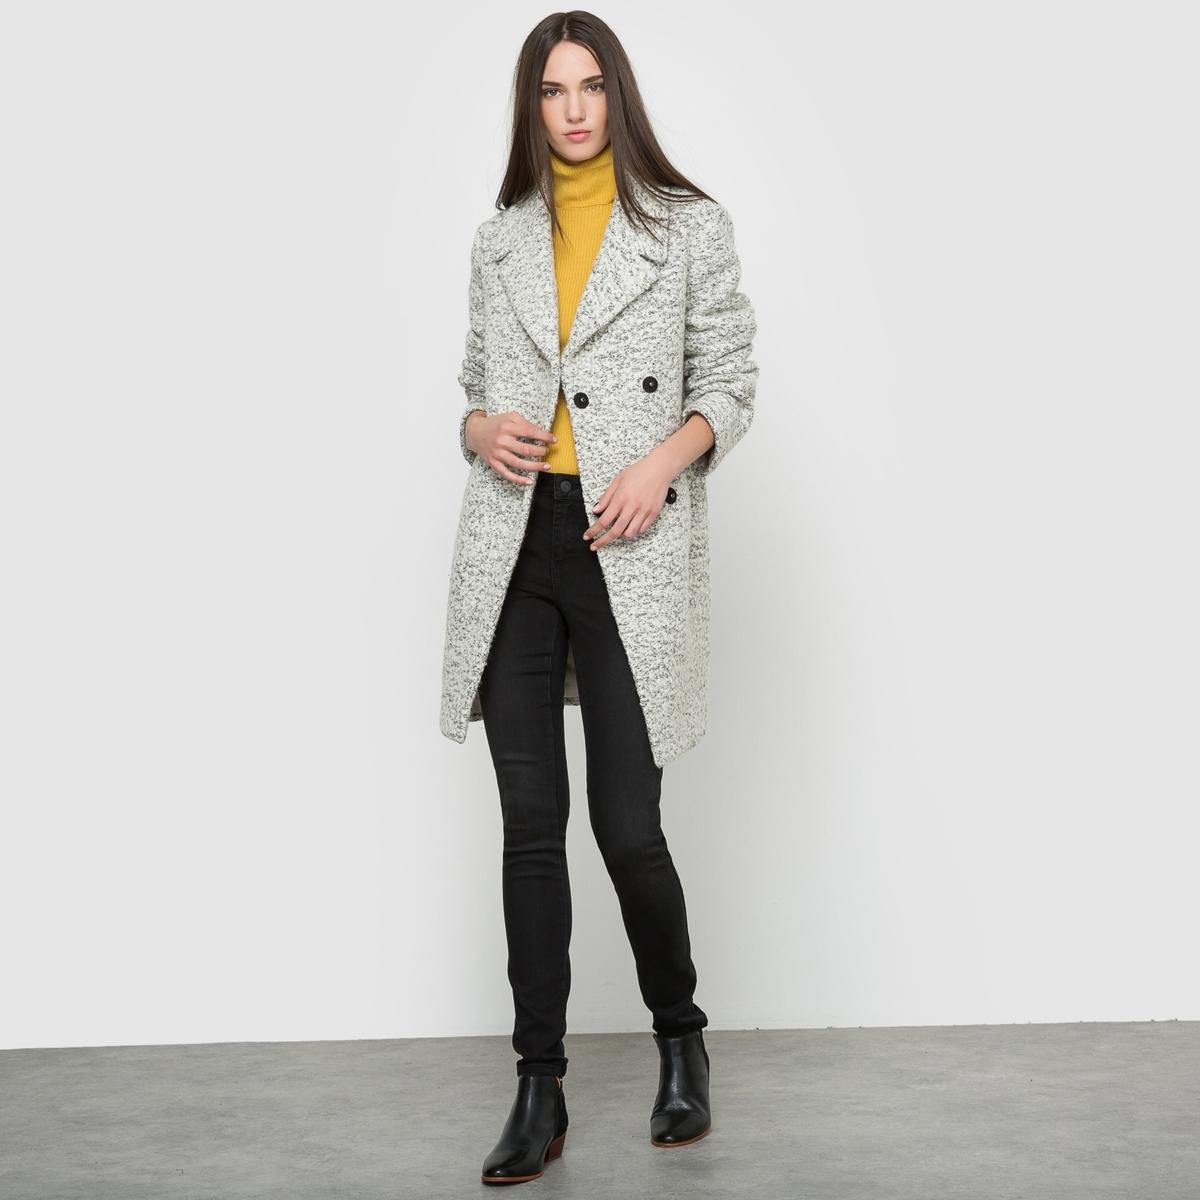 Пальто, 45% шерсти.Состав и описание:Материал:55% полиэстера, 45% шерсти.Подкладка: 100% полиэстера.Длина: 83 см.Марка: VILA.Уход:- Сухая чистка.- Не отбеливать.<br><br>Цвет: светло-серый меланж<br>Размер: M